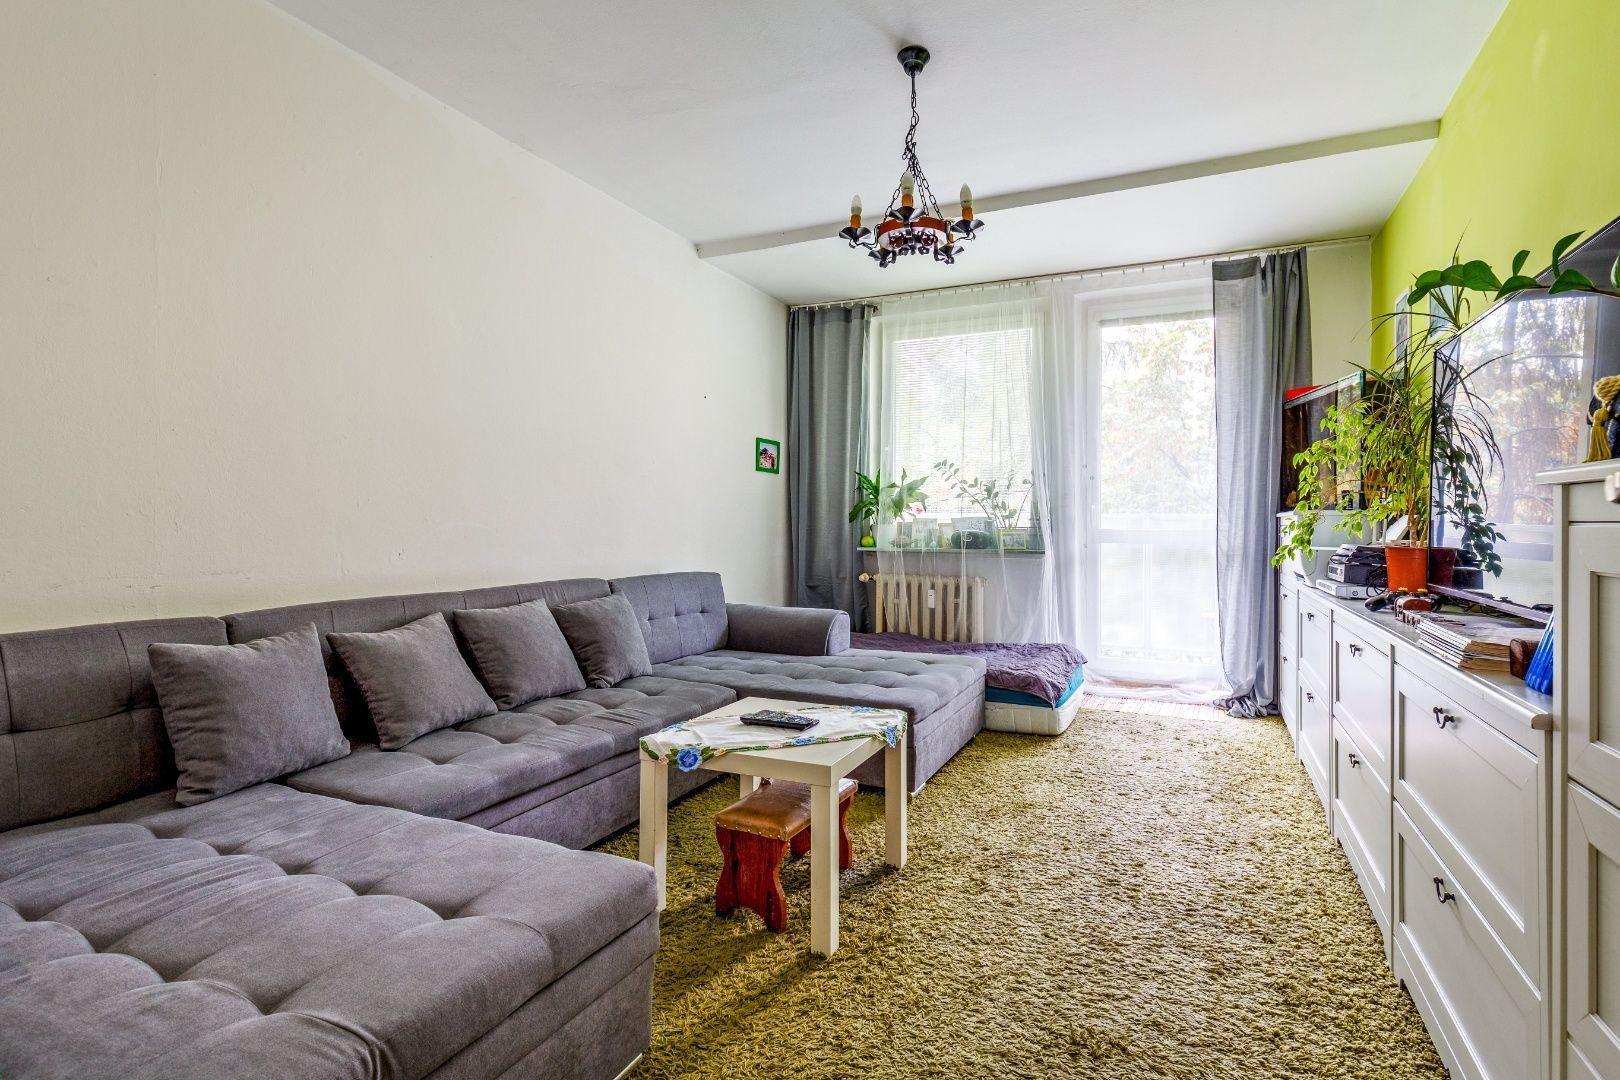 3-izbový byt-Predaj-Bratislava - mestská časť Ružinov-171000.00 €